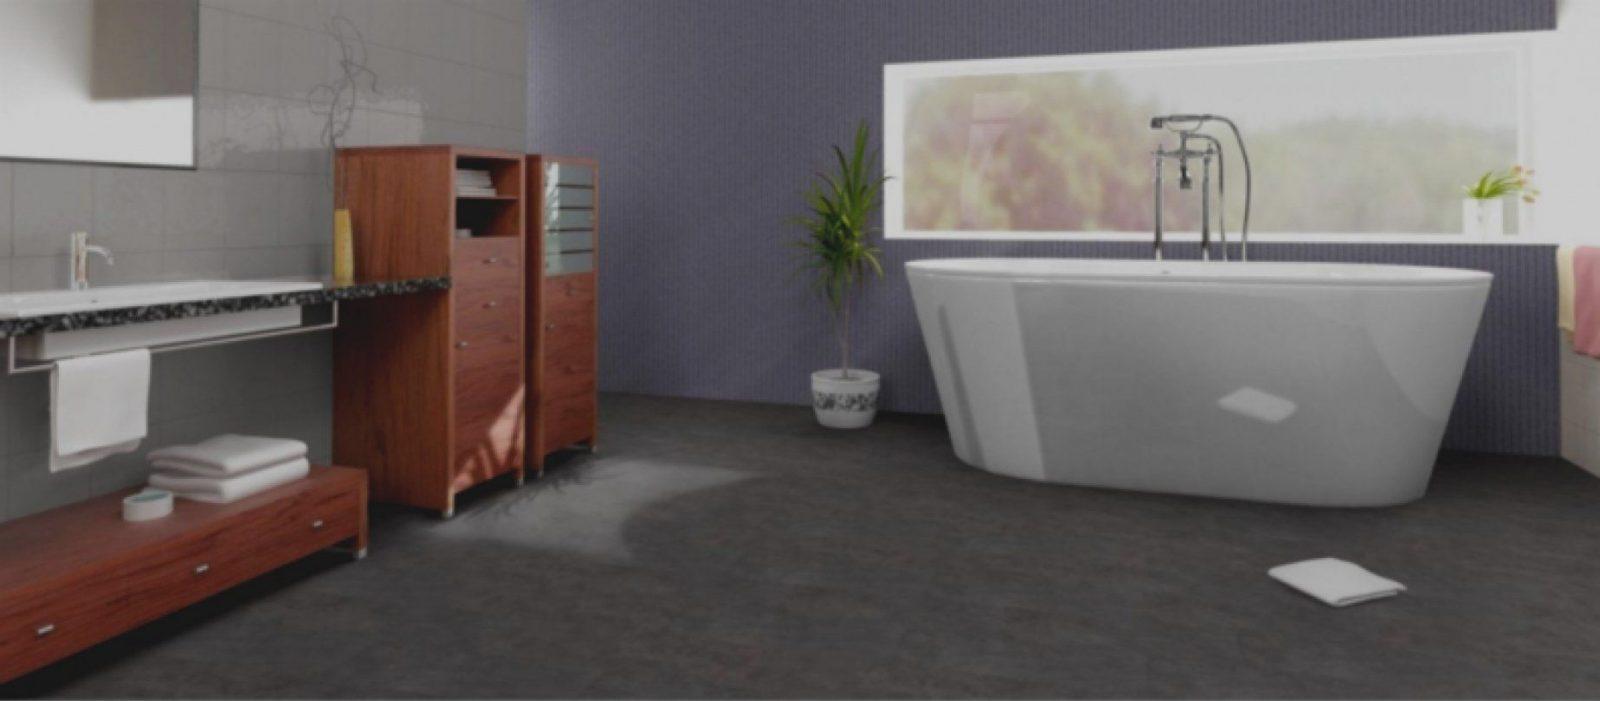 Schöne Vinylboden Badezimmer Crazy Stilvolle Boden Für Bad von Klick Vinyl Für Badezimmer Photo